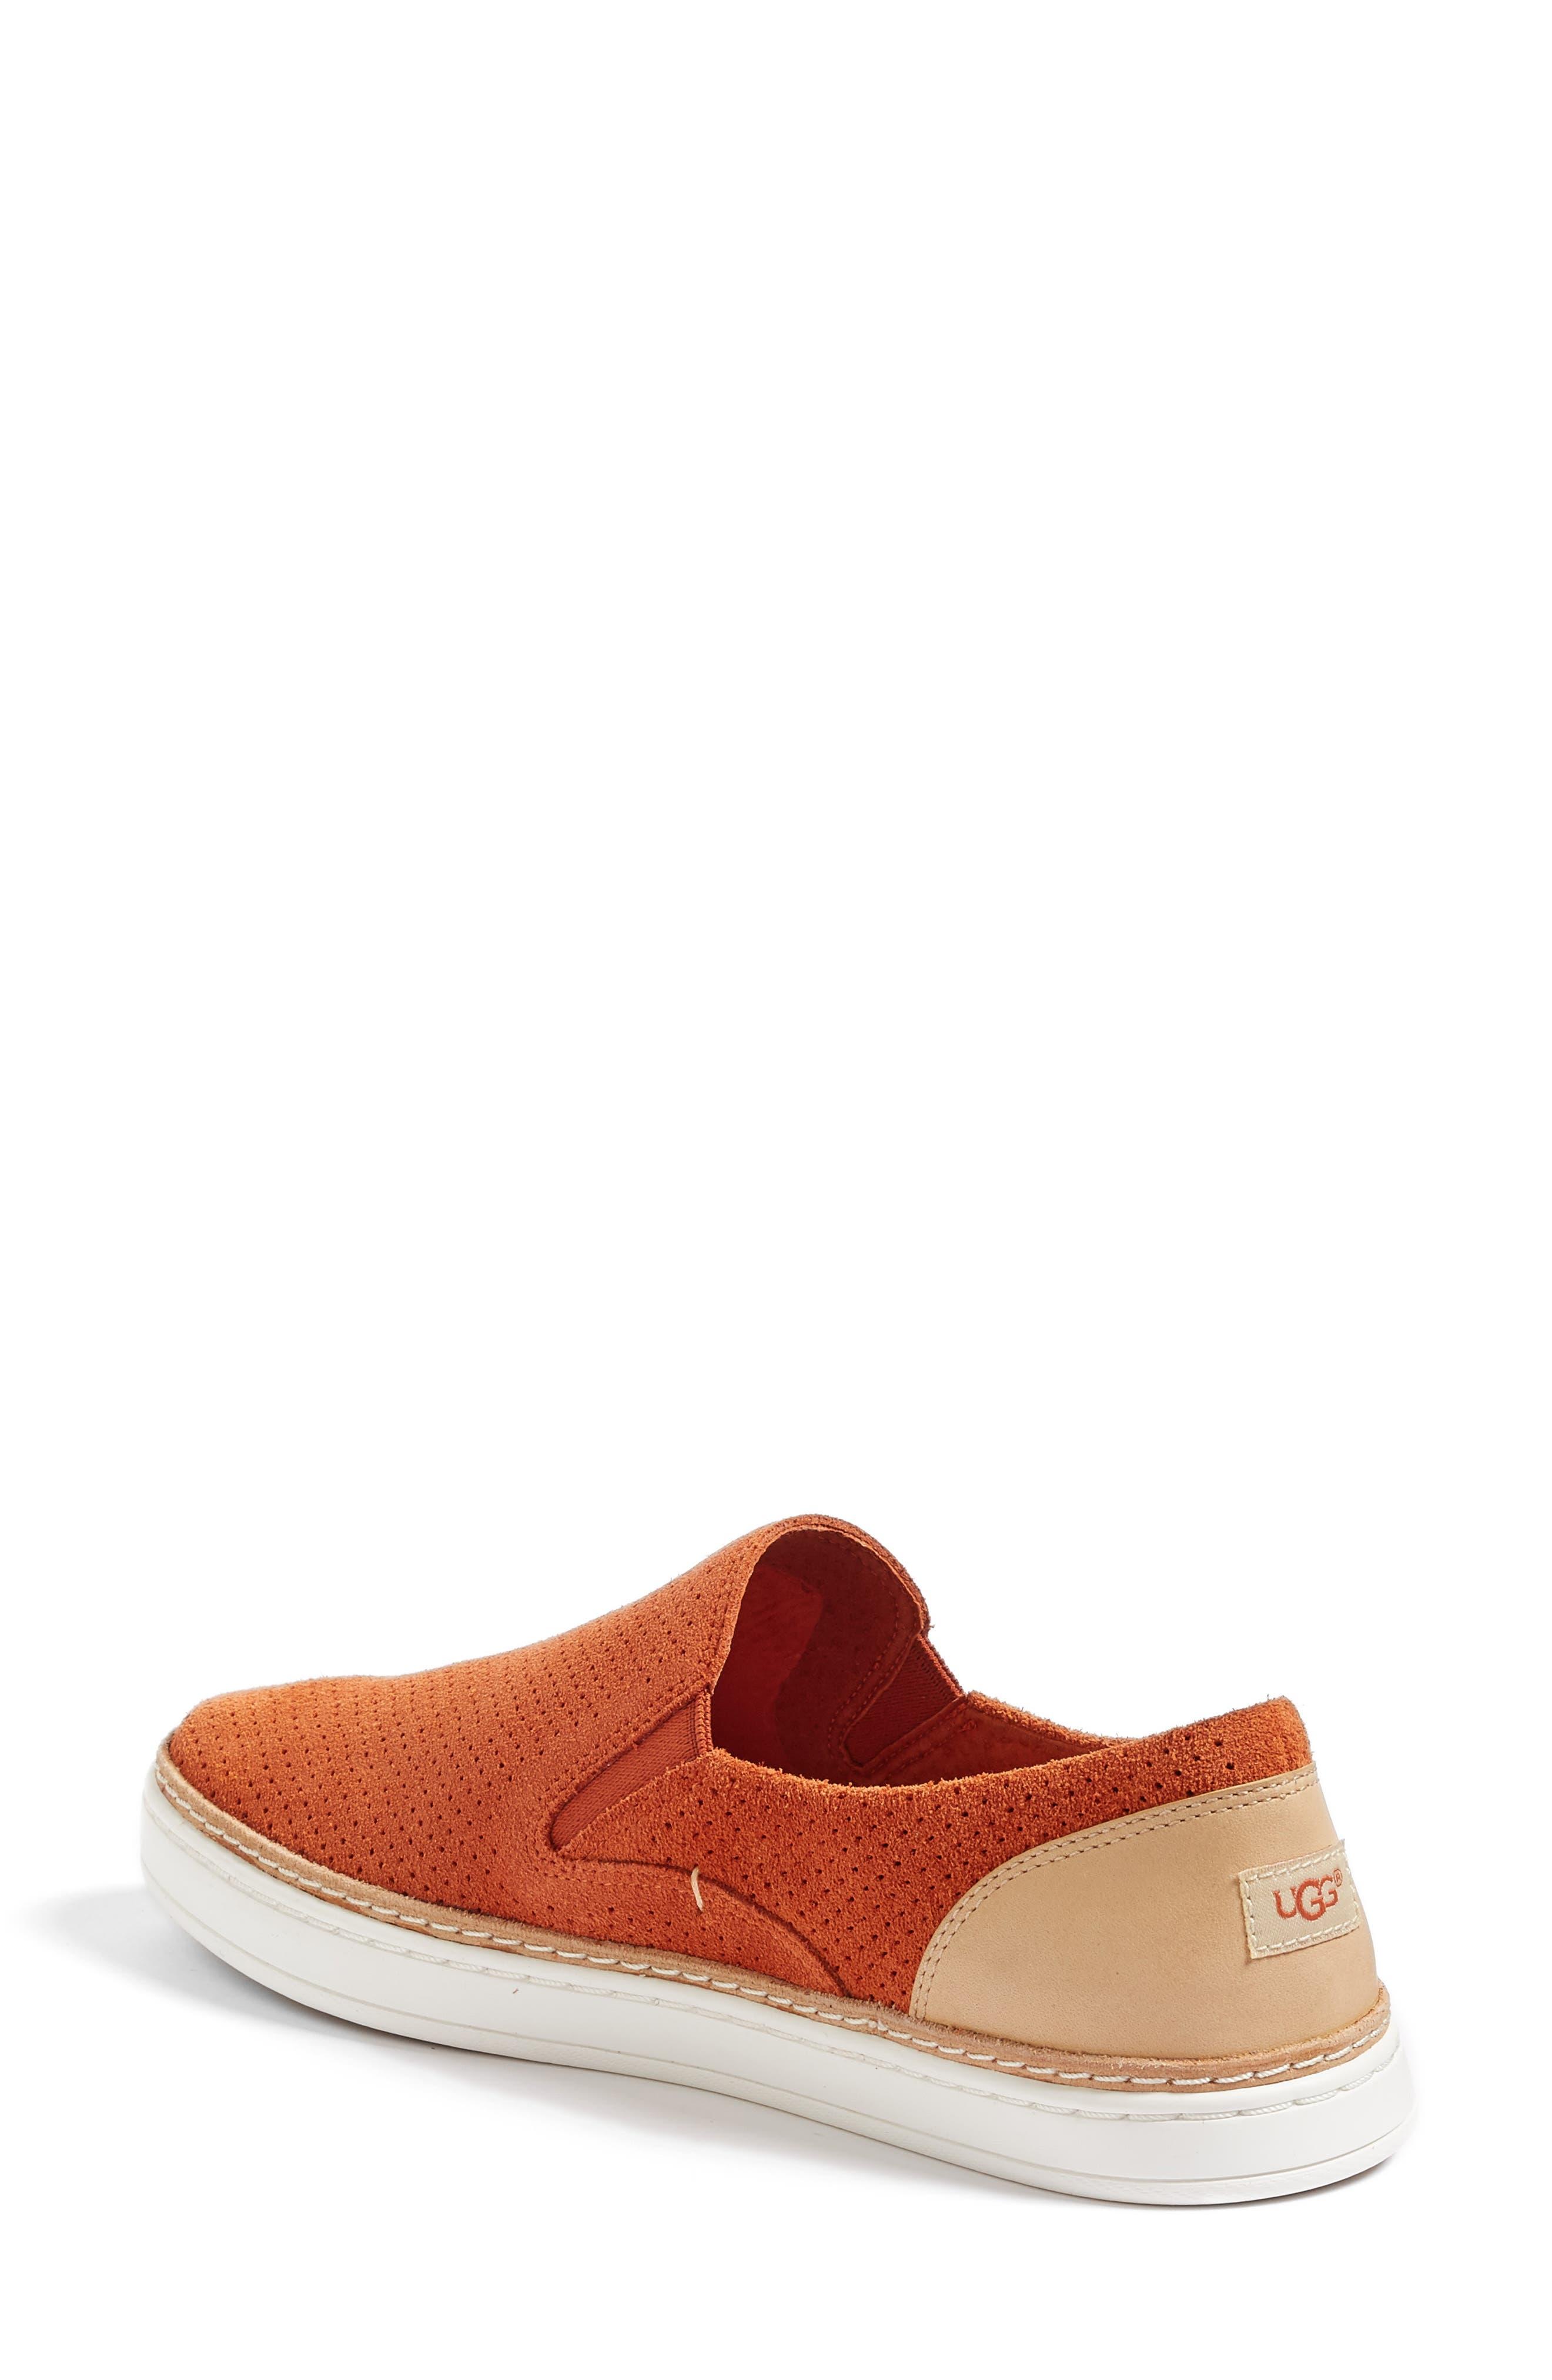 Adley Slip-On Sneaker,                             Alternate thumbnail 32, color,